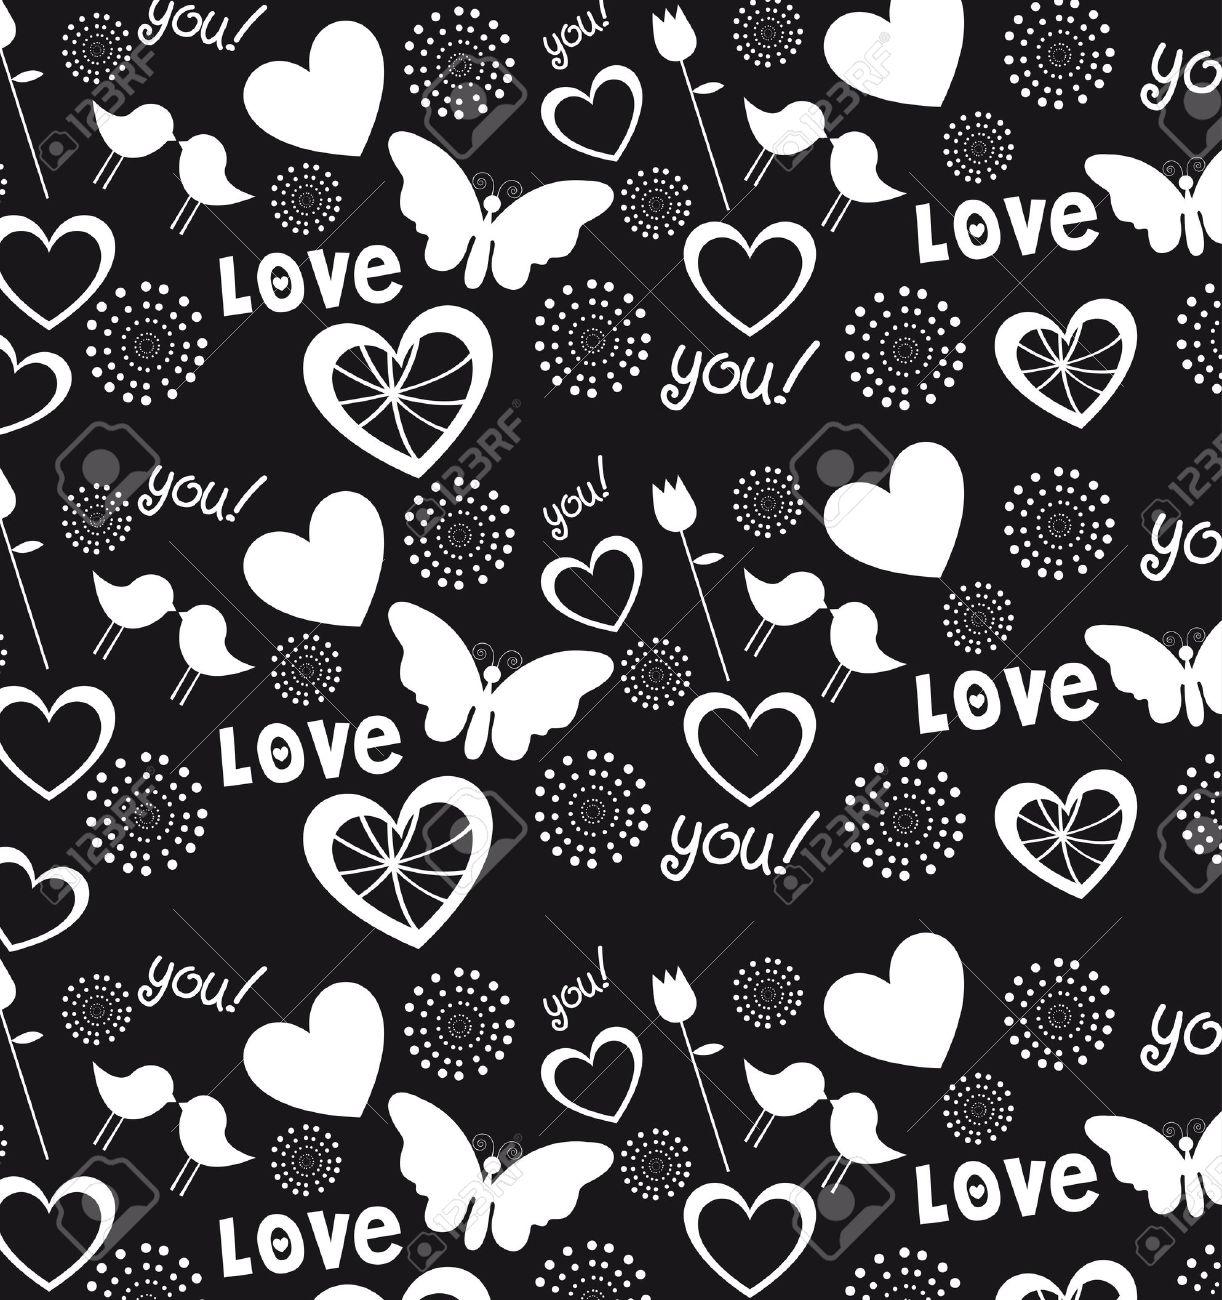 Fondo De Los Corazones El Amor Y Los Corazones La Ilustración En